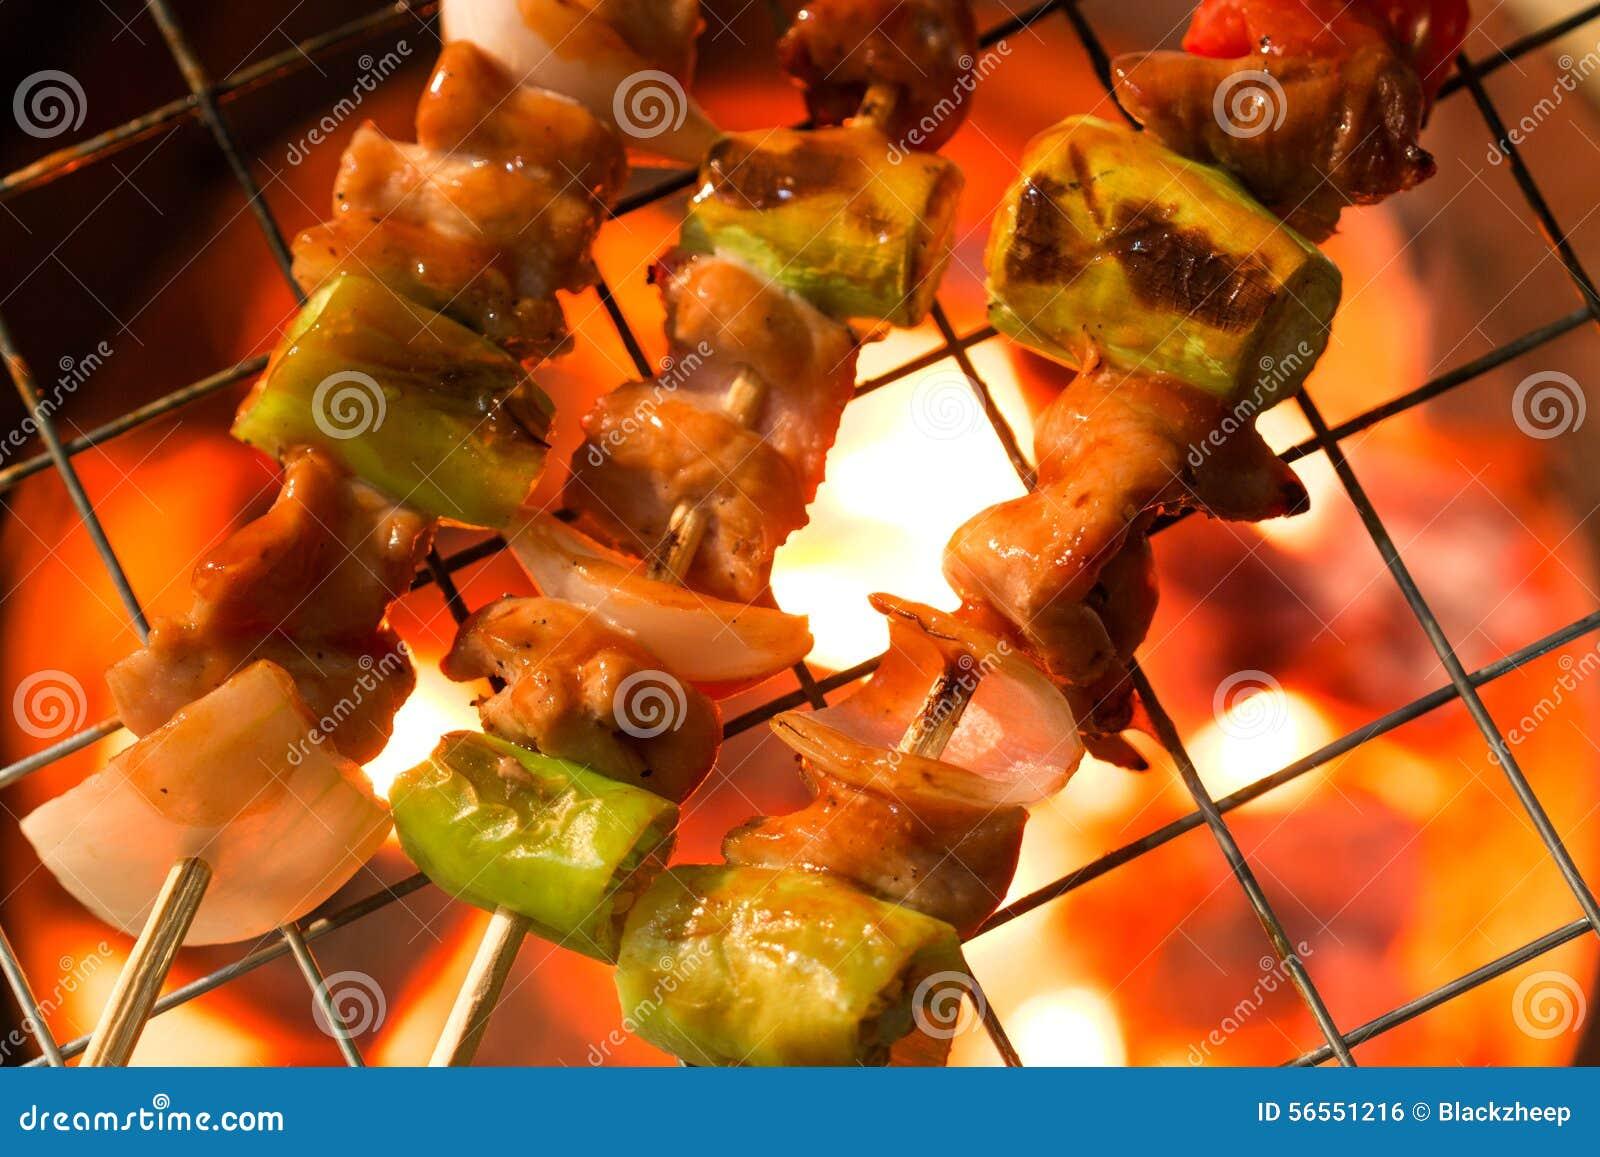 Download Ψήσιμο στη σχάρα Shashlik στη σχάρα σχαρών Στοκ Εικόνες - εικόνα από μάγειρας, πιπέρι: 56551216